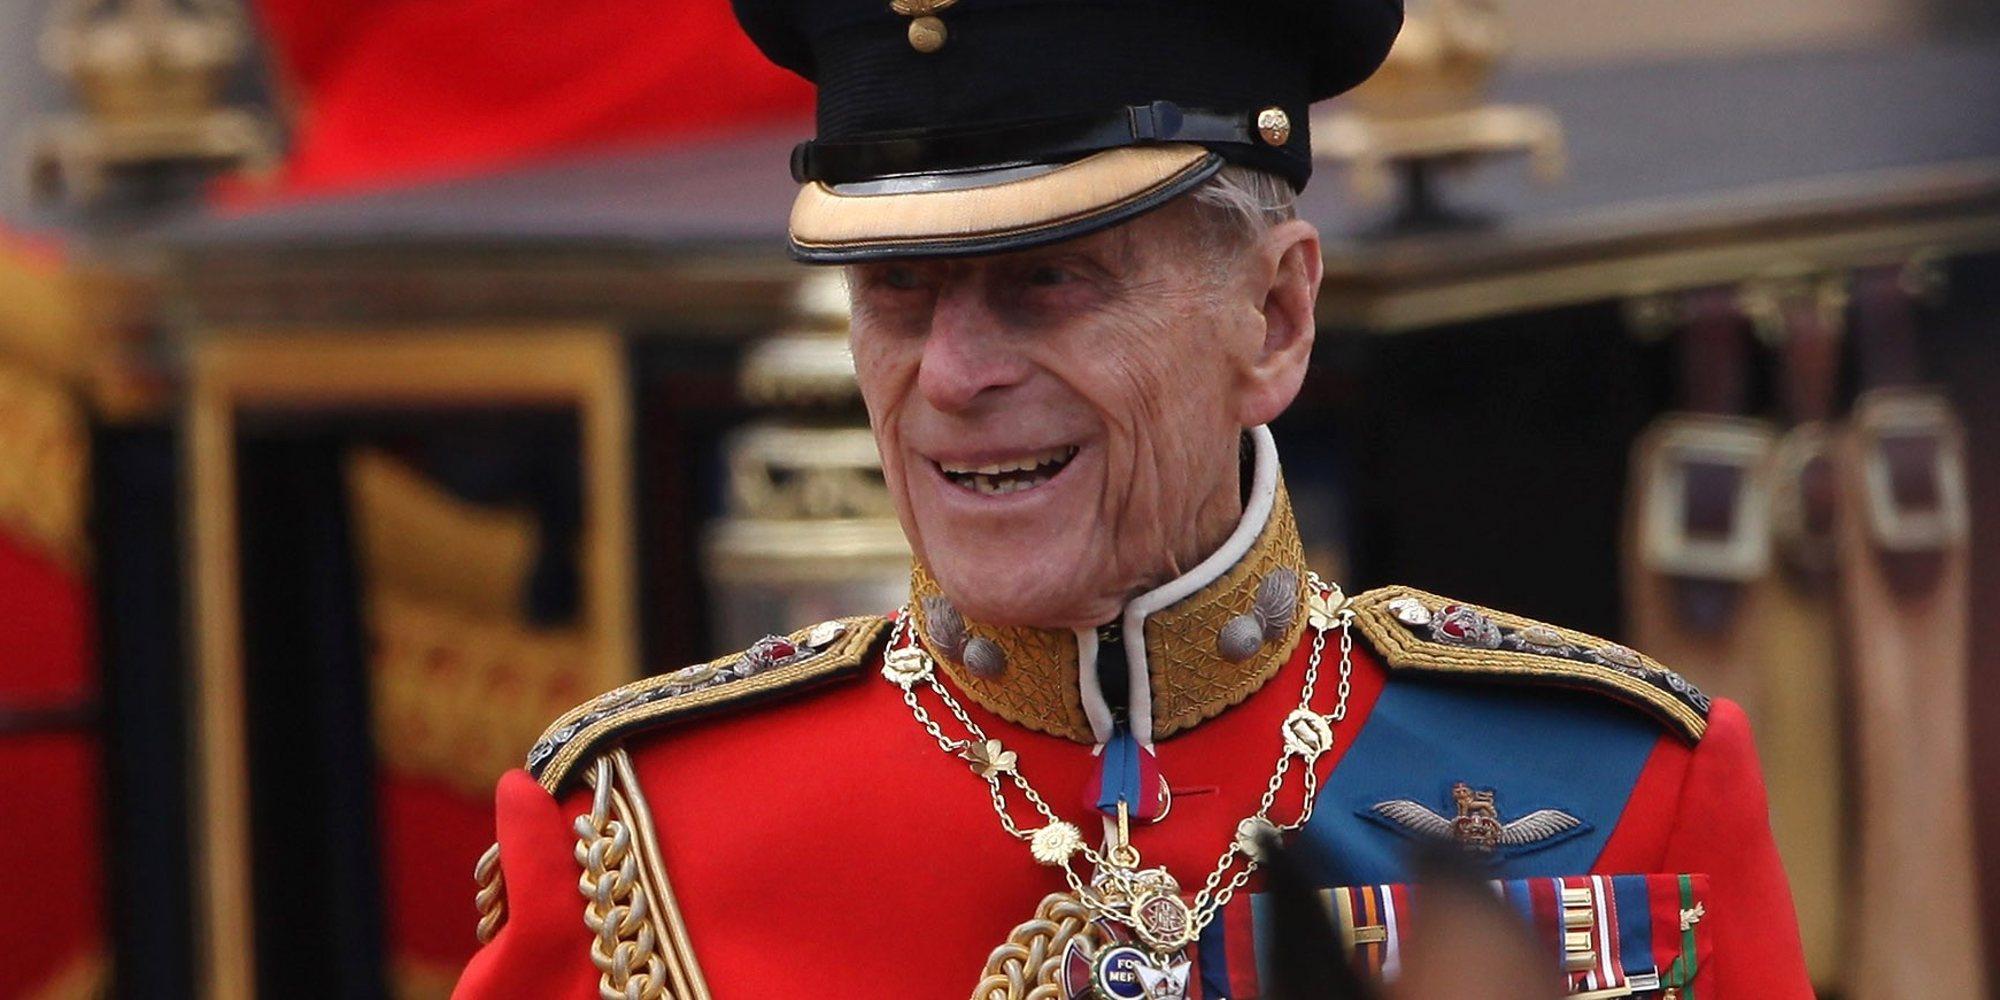 El heredero de los títulos del Duque de Edimburgo: al que le corresponden y en el que pueden recaer